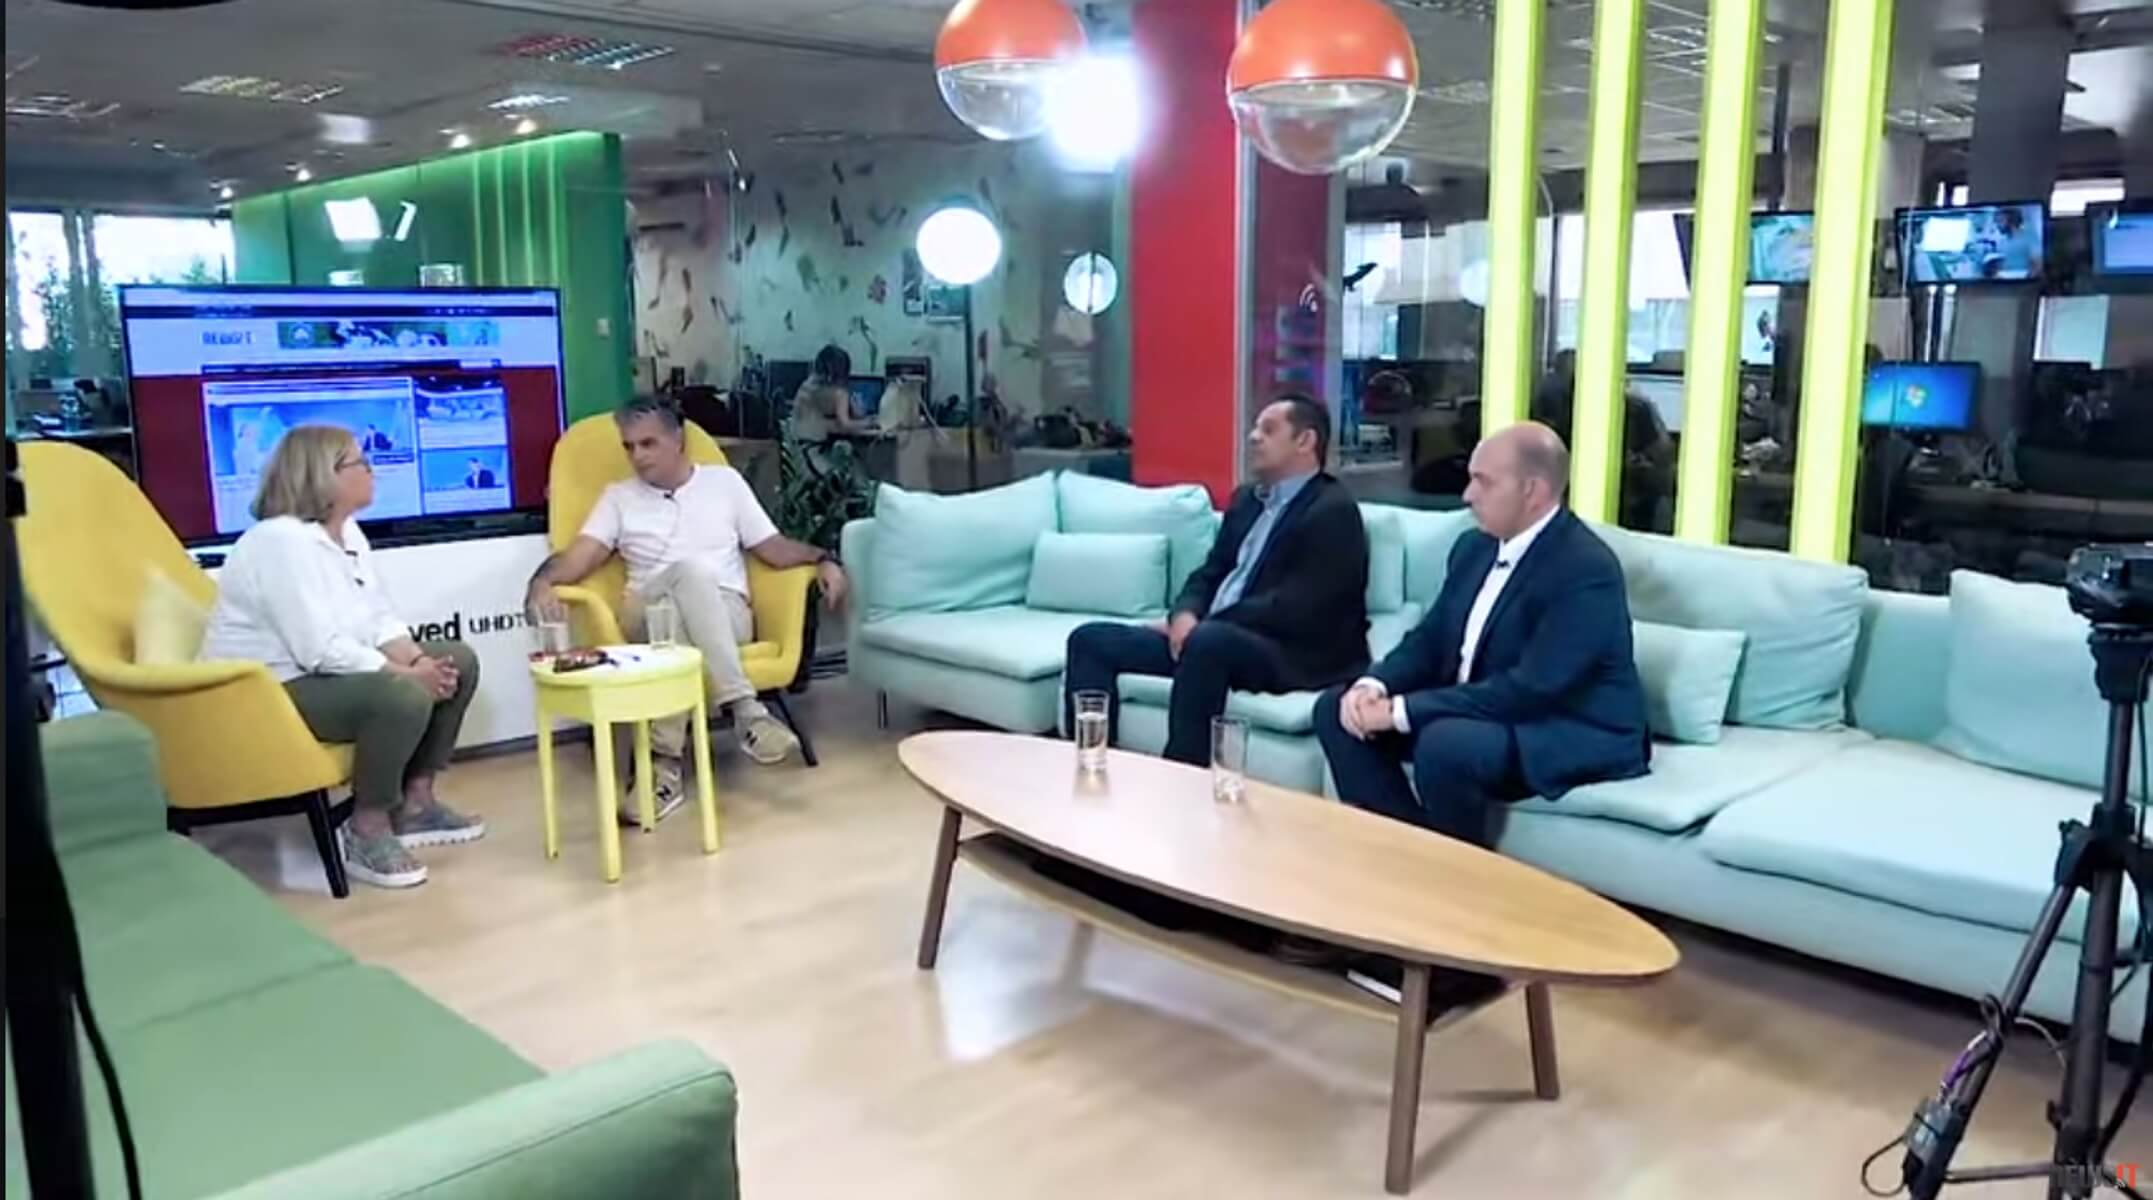 Συνέντευξη Τσίπρα στον ΣΚΑΙ: Τελικά κέρδισε ή έχασε;